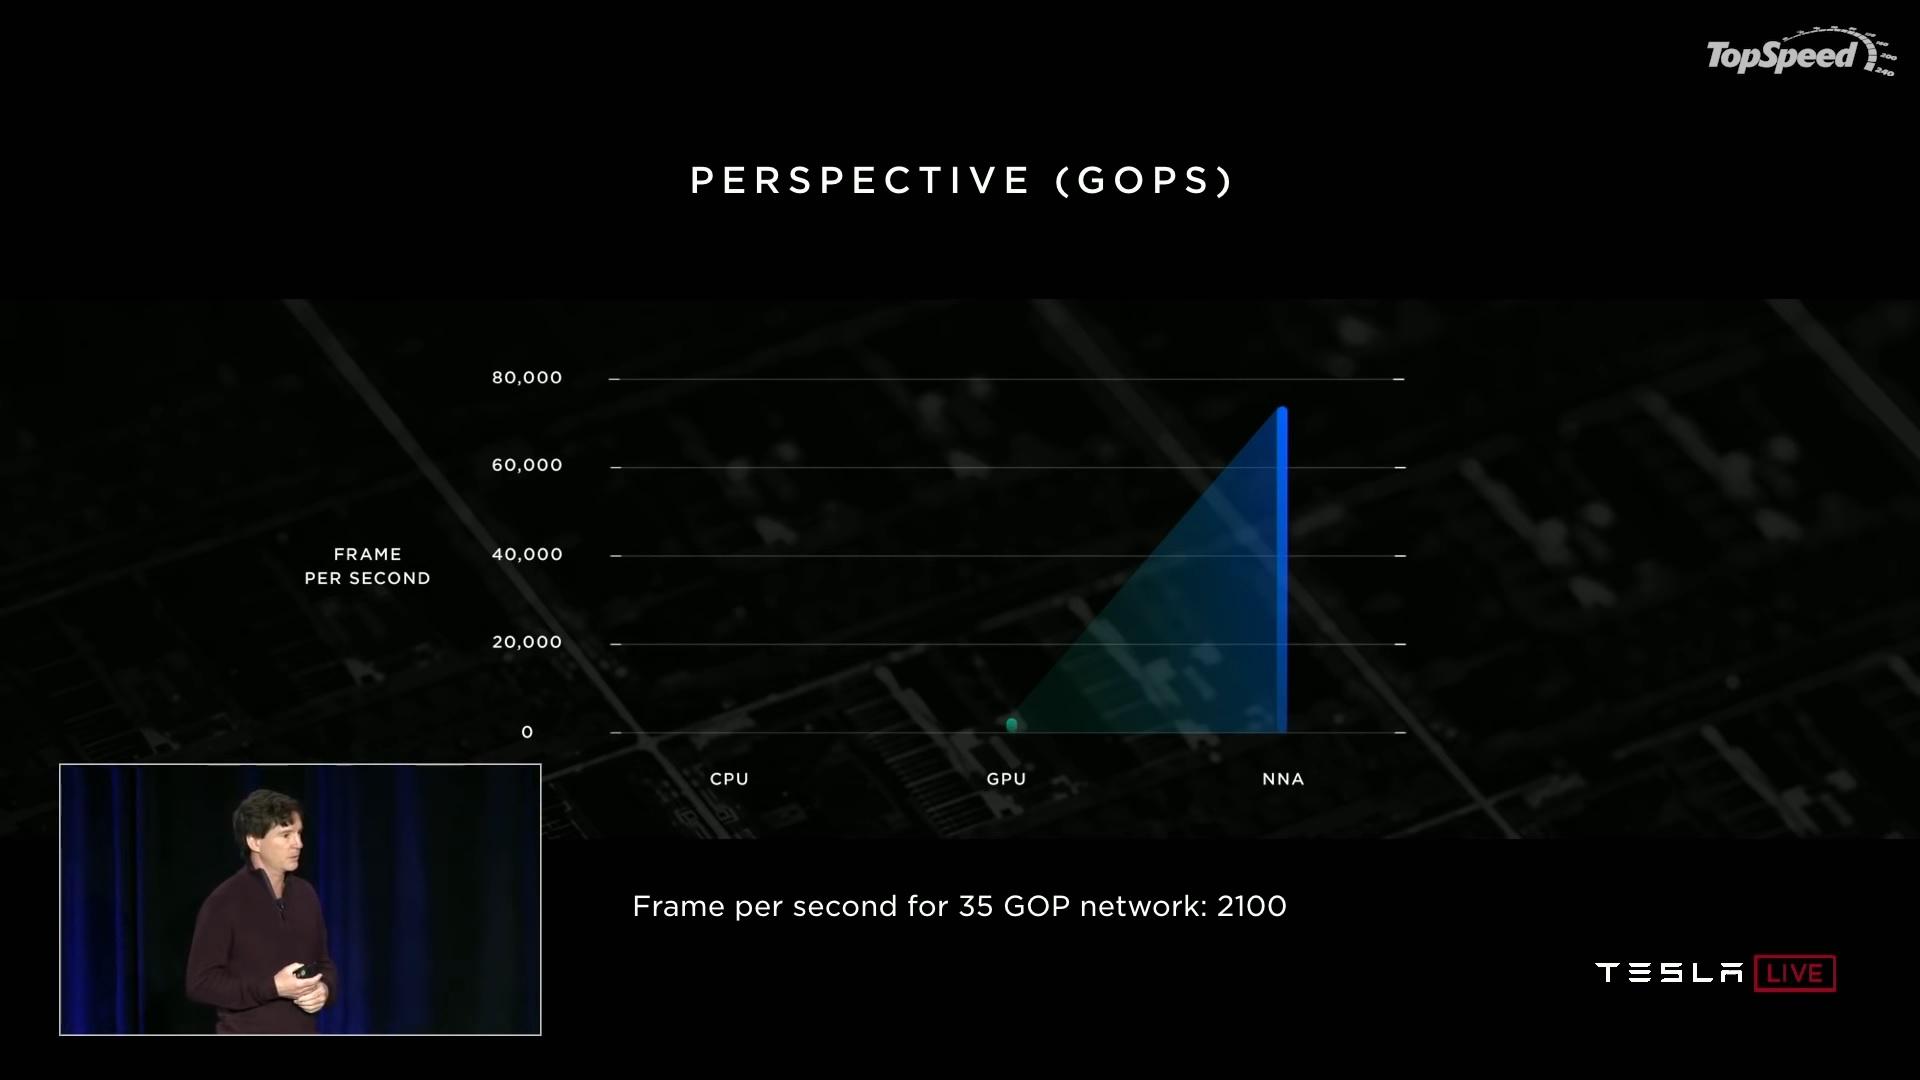 Klicken Sie auf die Grafik für eine größere Ansicht  Name:Tesla Computer.jpg Hits:515 Größe:137,1 KB ID:1080530